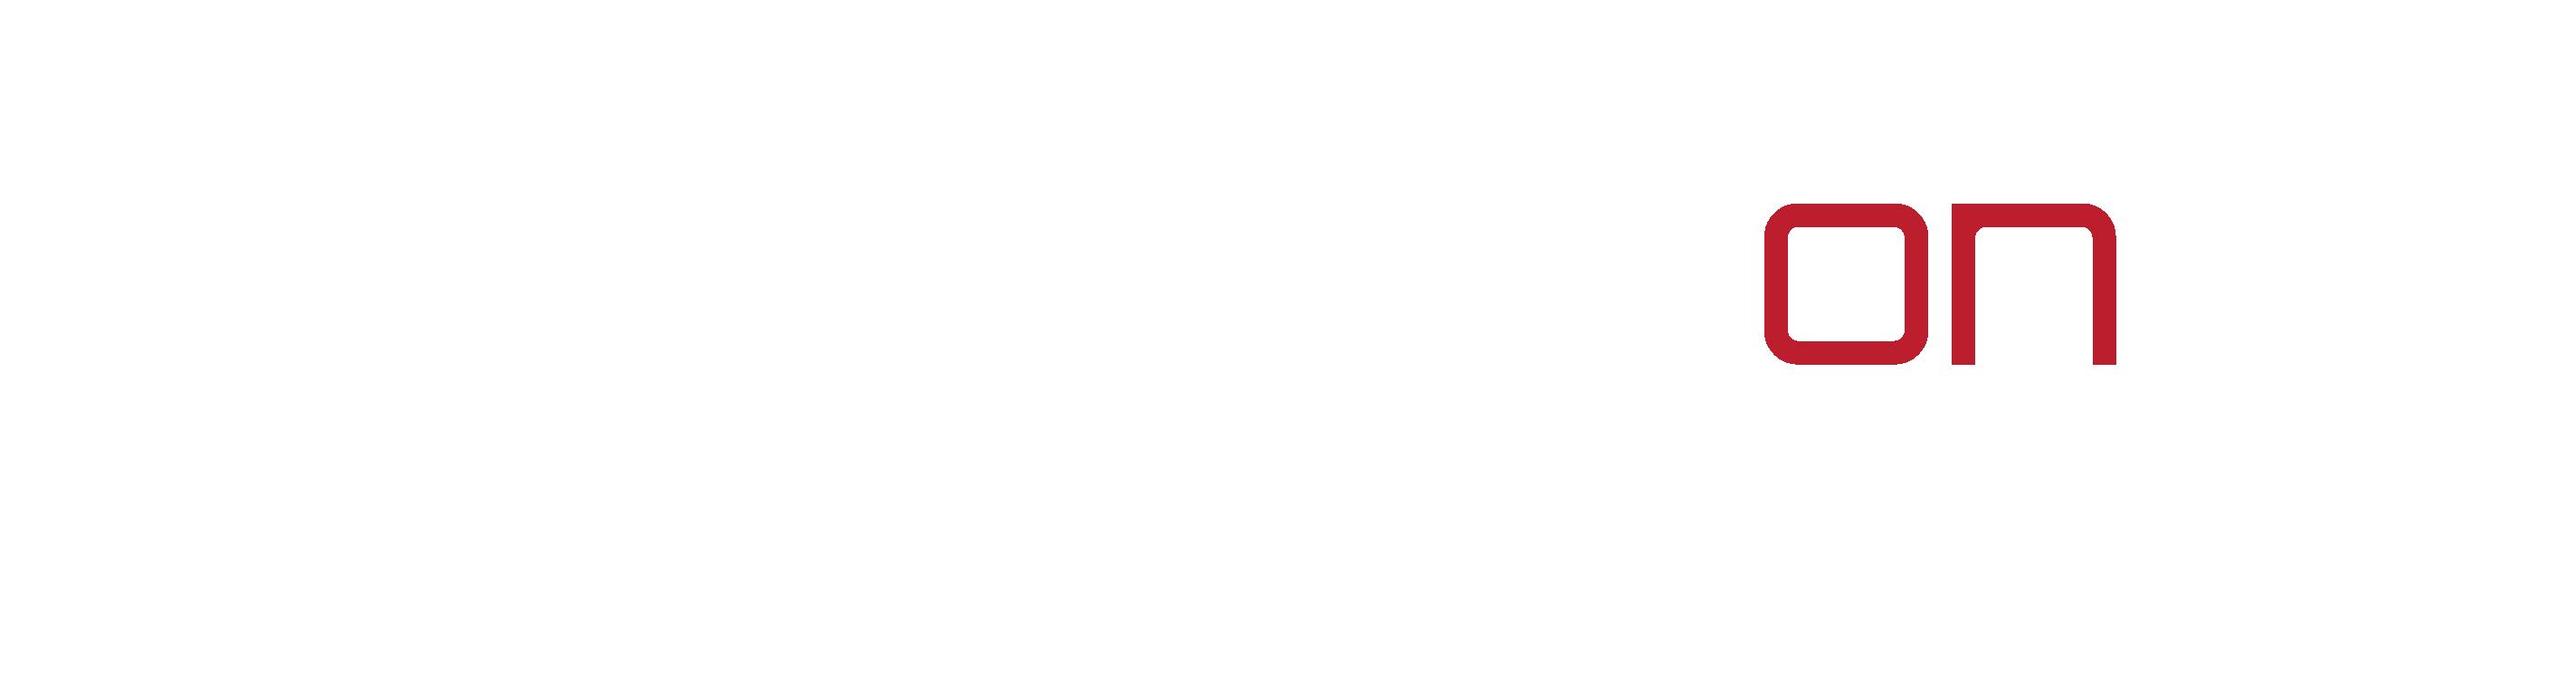 2electron B